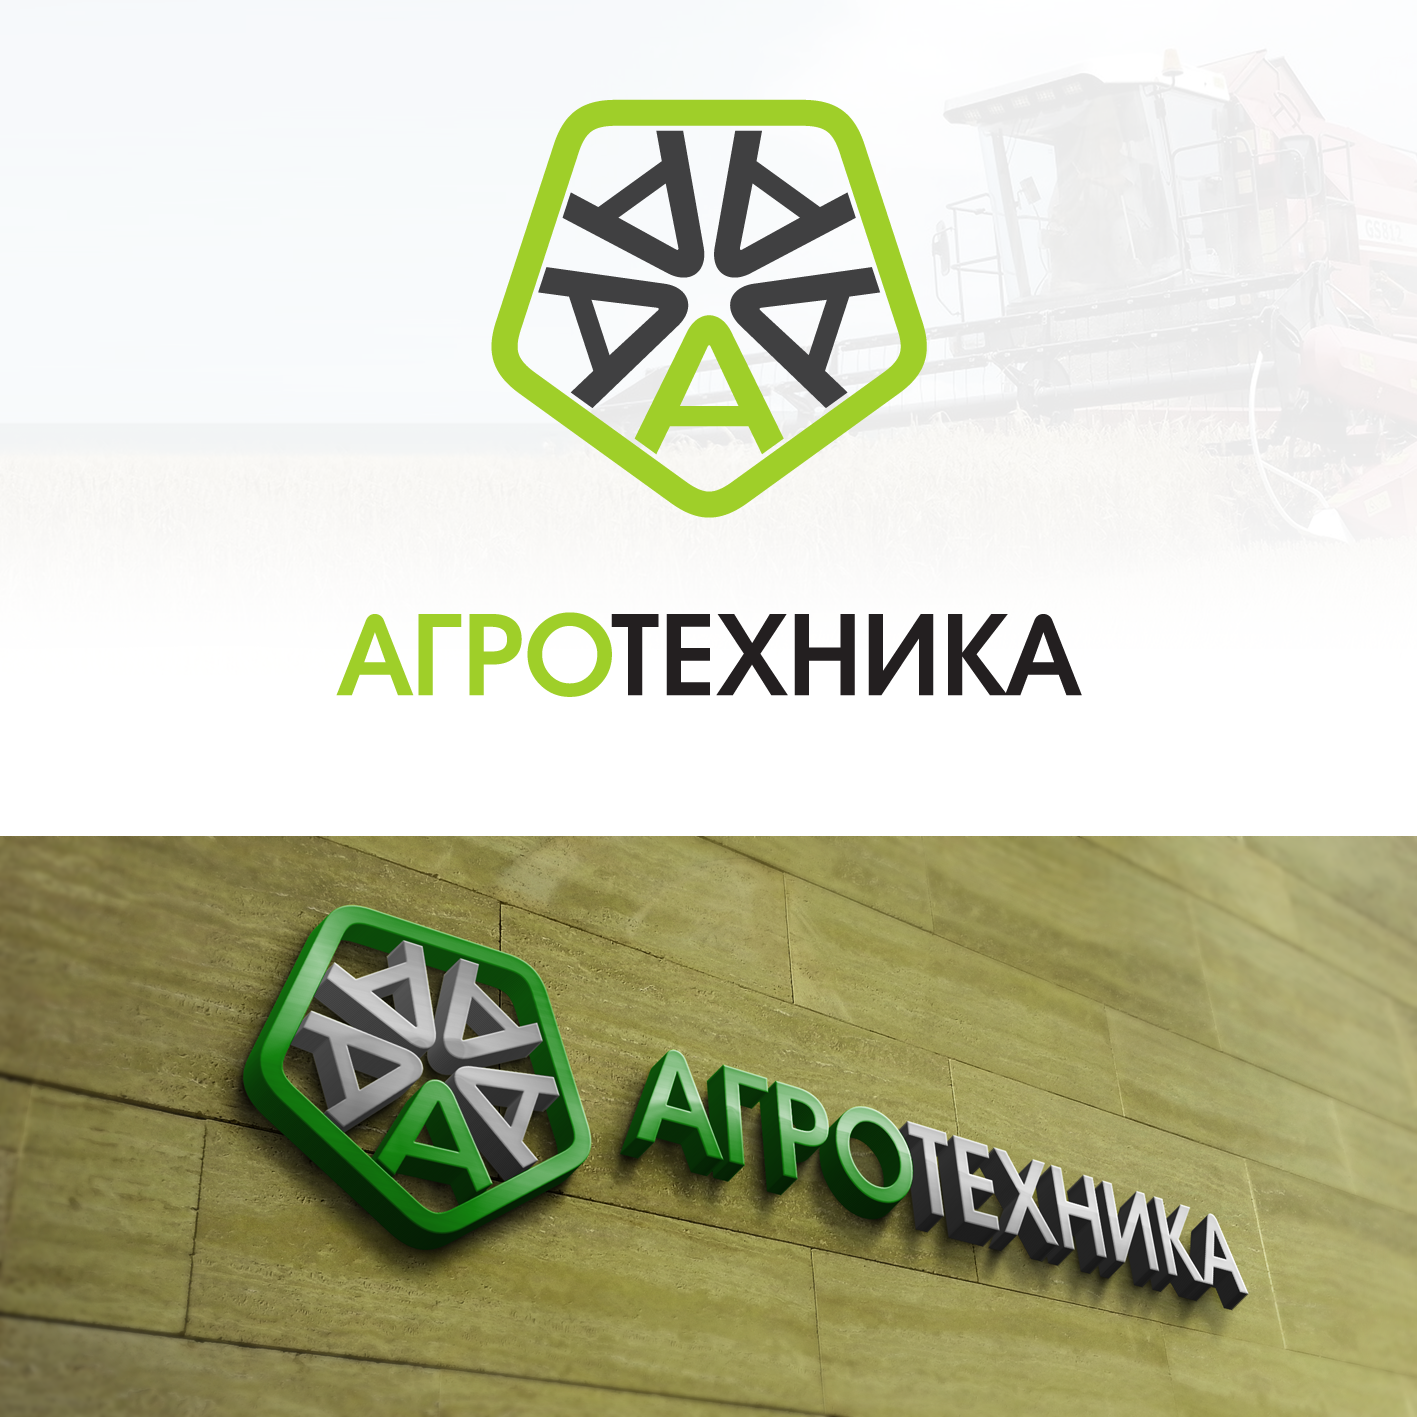 Разработка логотипа для компании Агротехника фото f_5895bfee1d8ca8eb.png